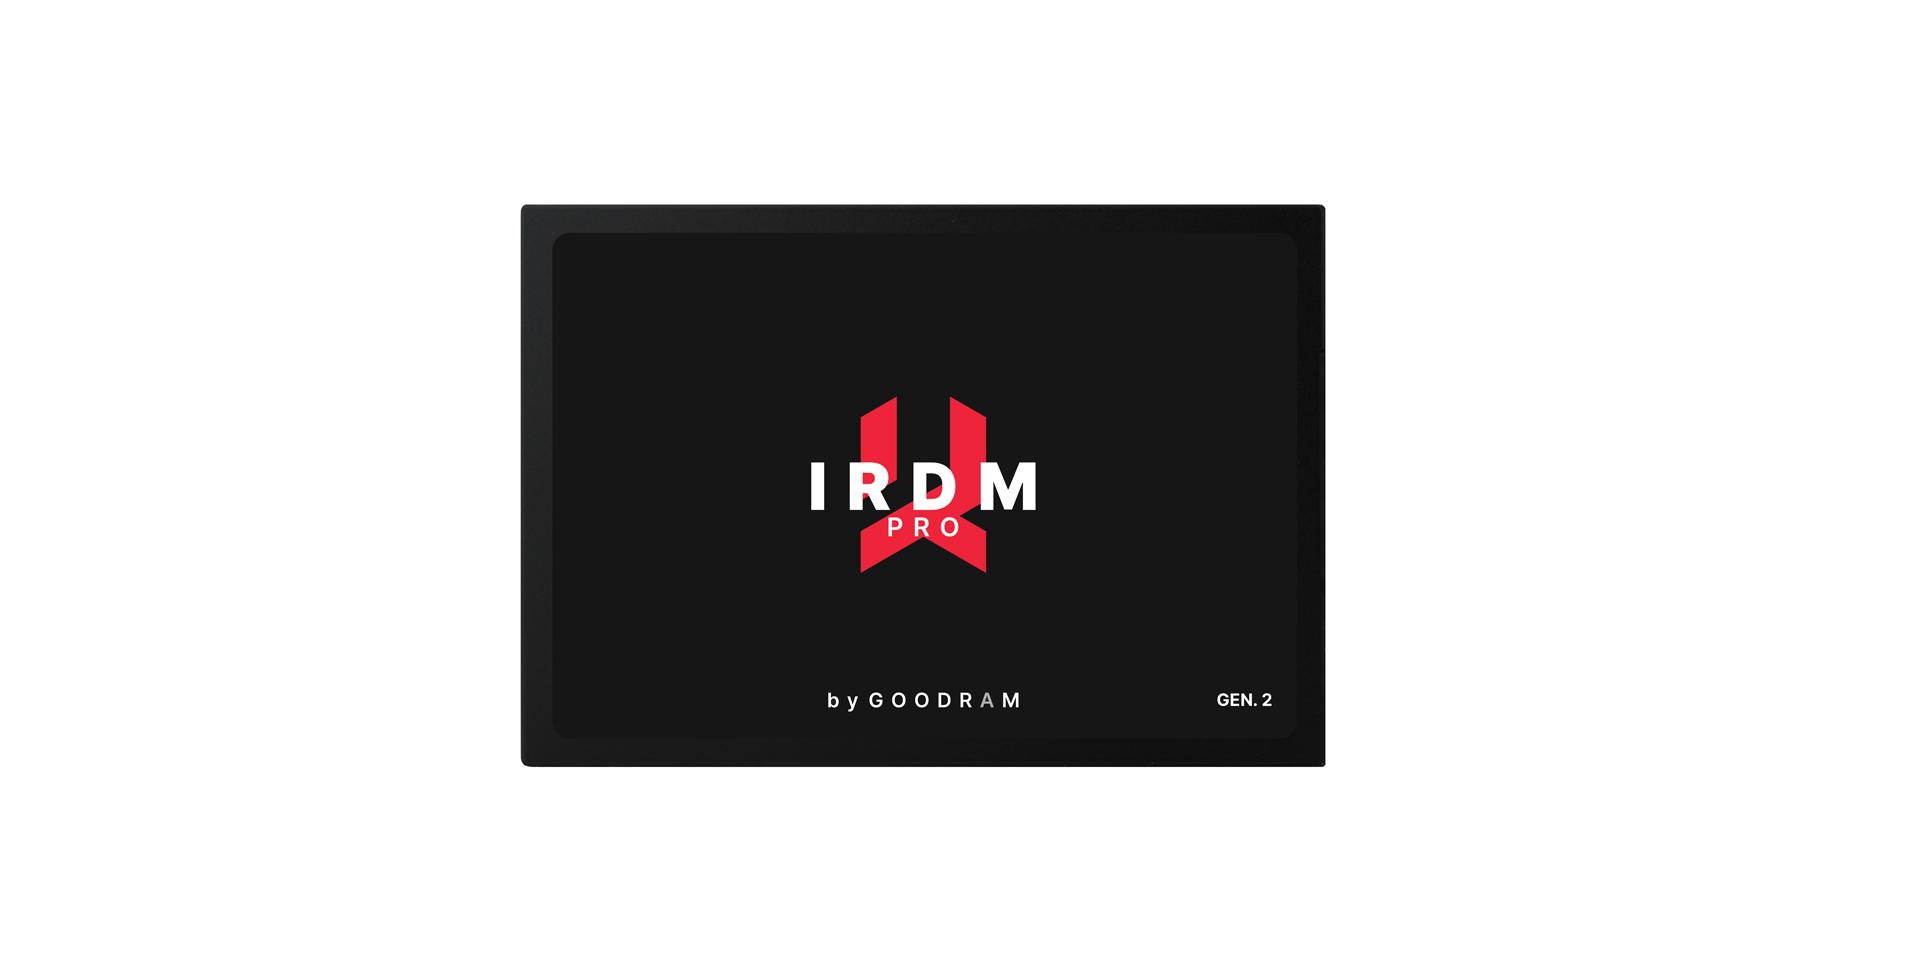 Goodram IRDM PRO GEN.2 2.5